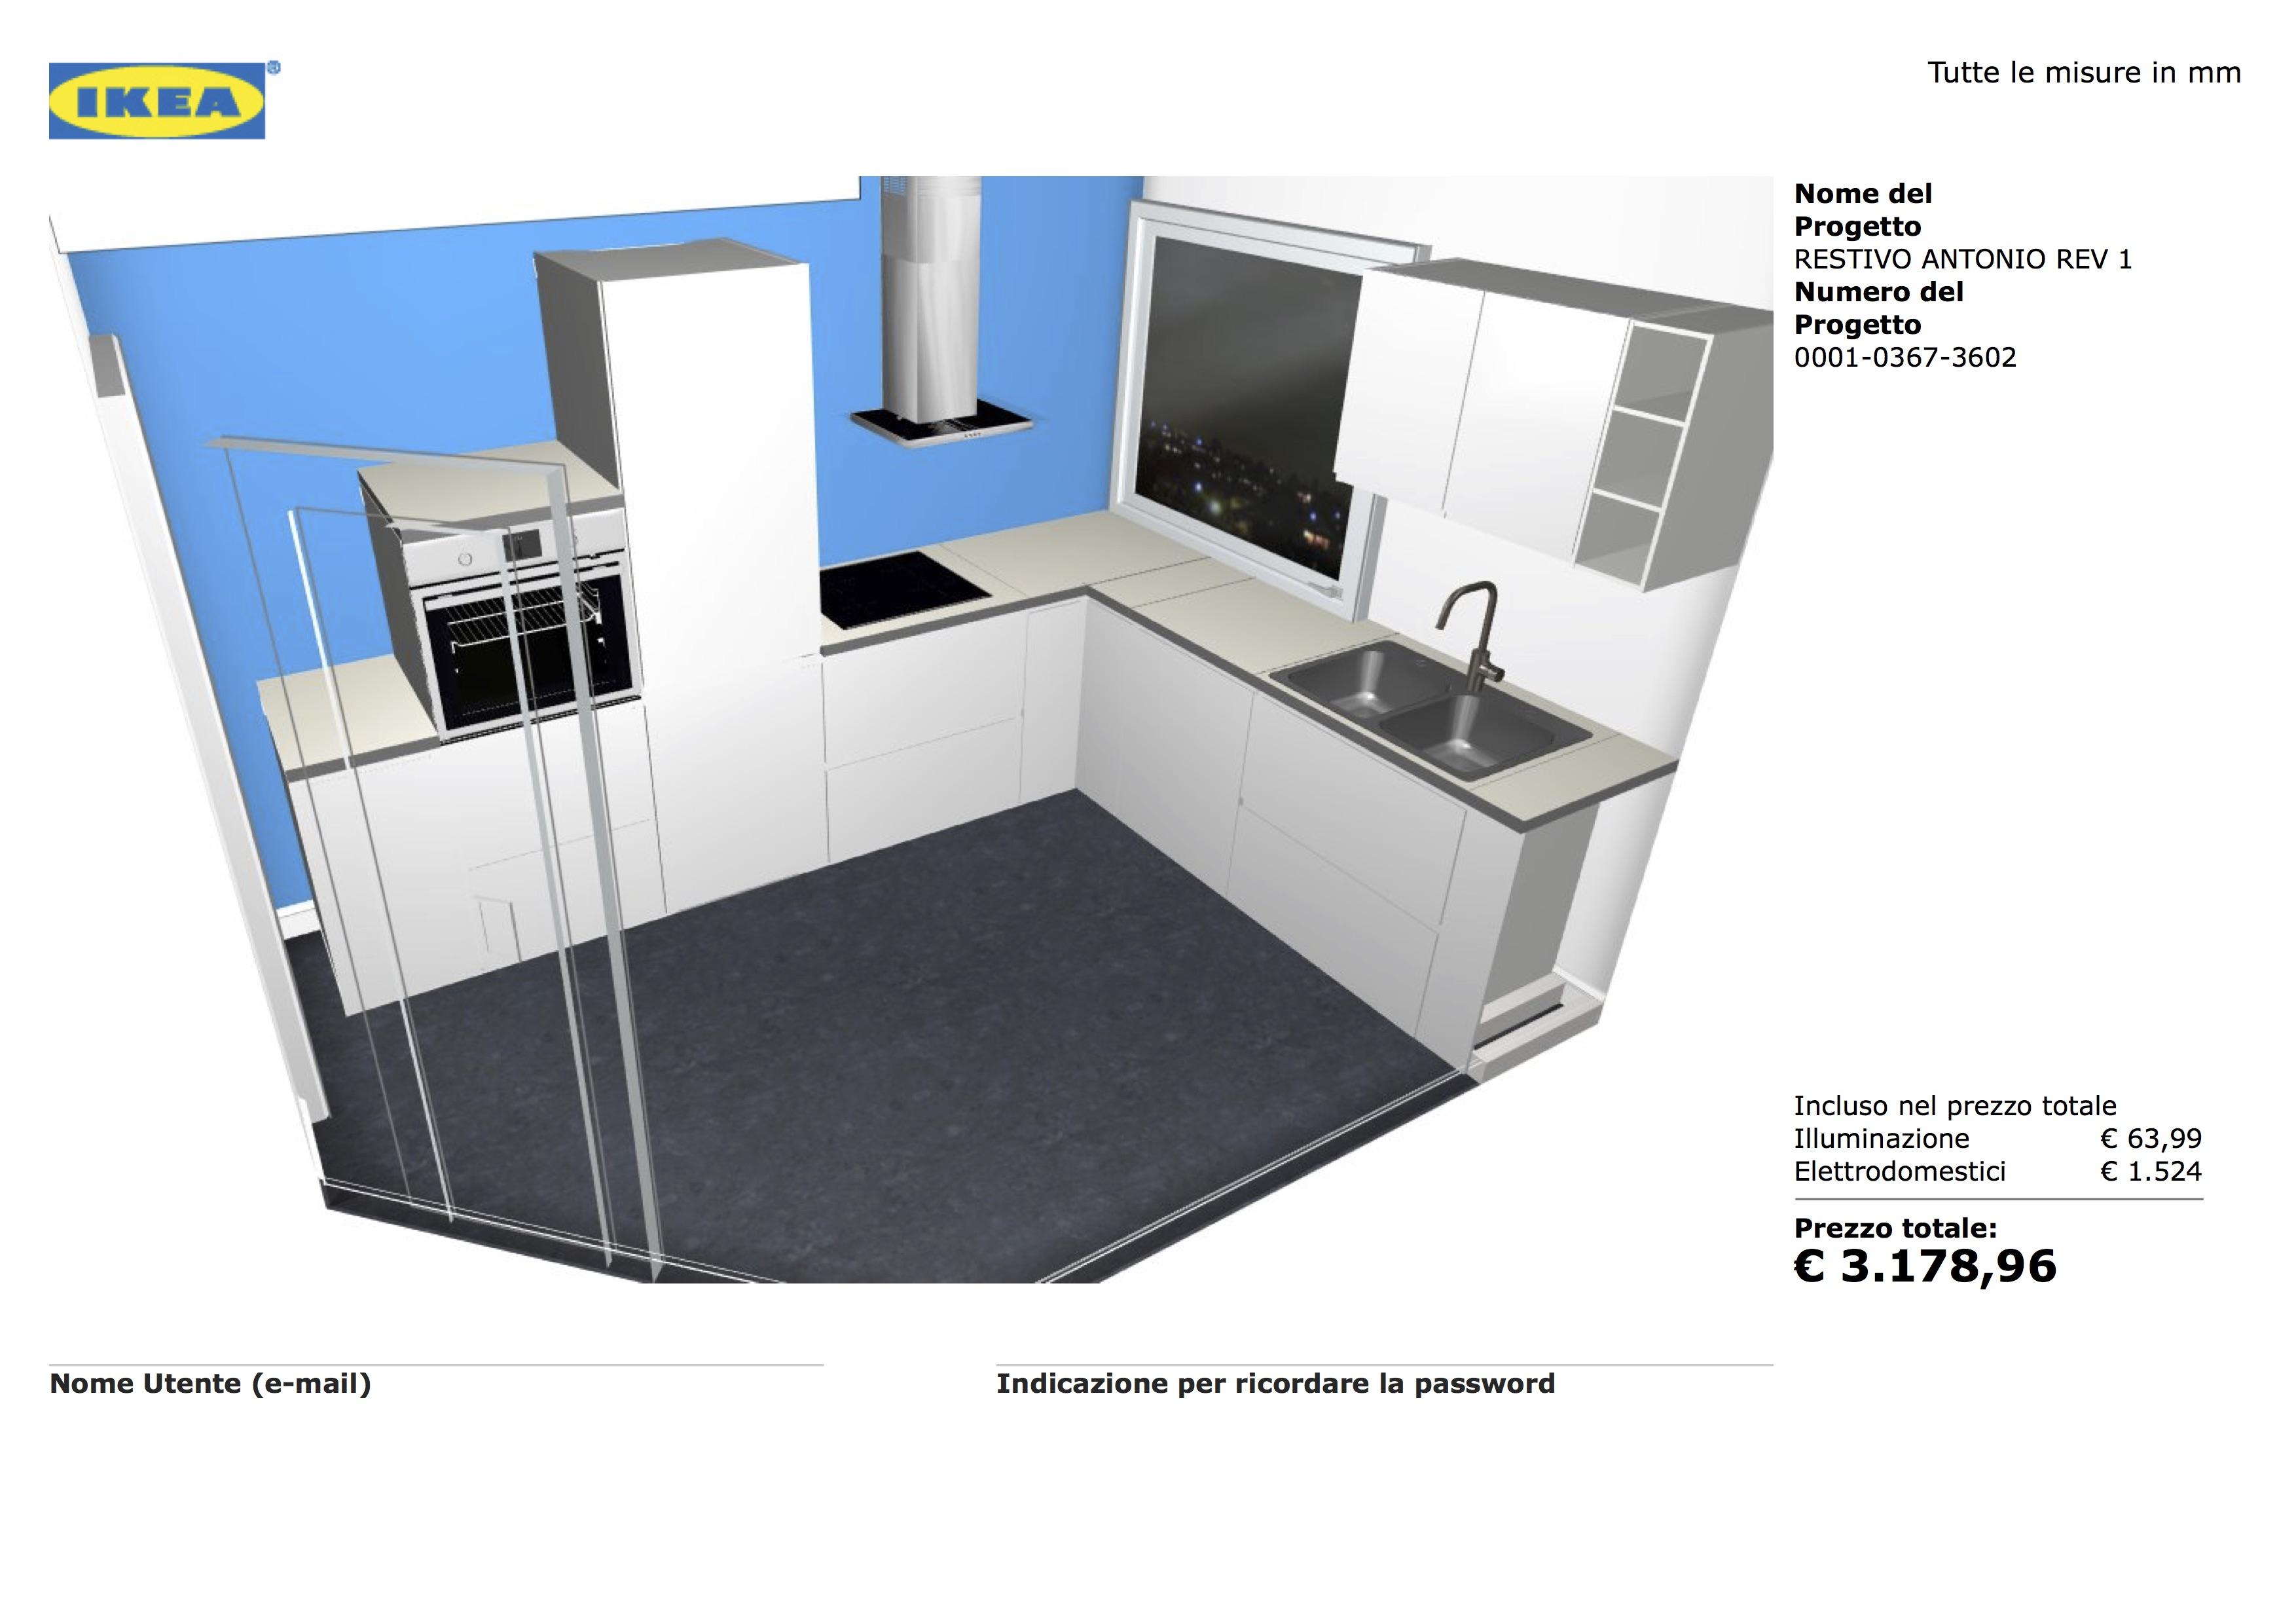 Best Planner Ikea Cucina Ideas - bakeroffroad.us - bakeroffroad.us